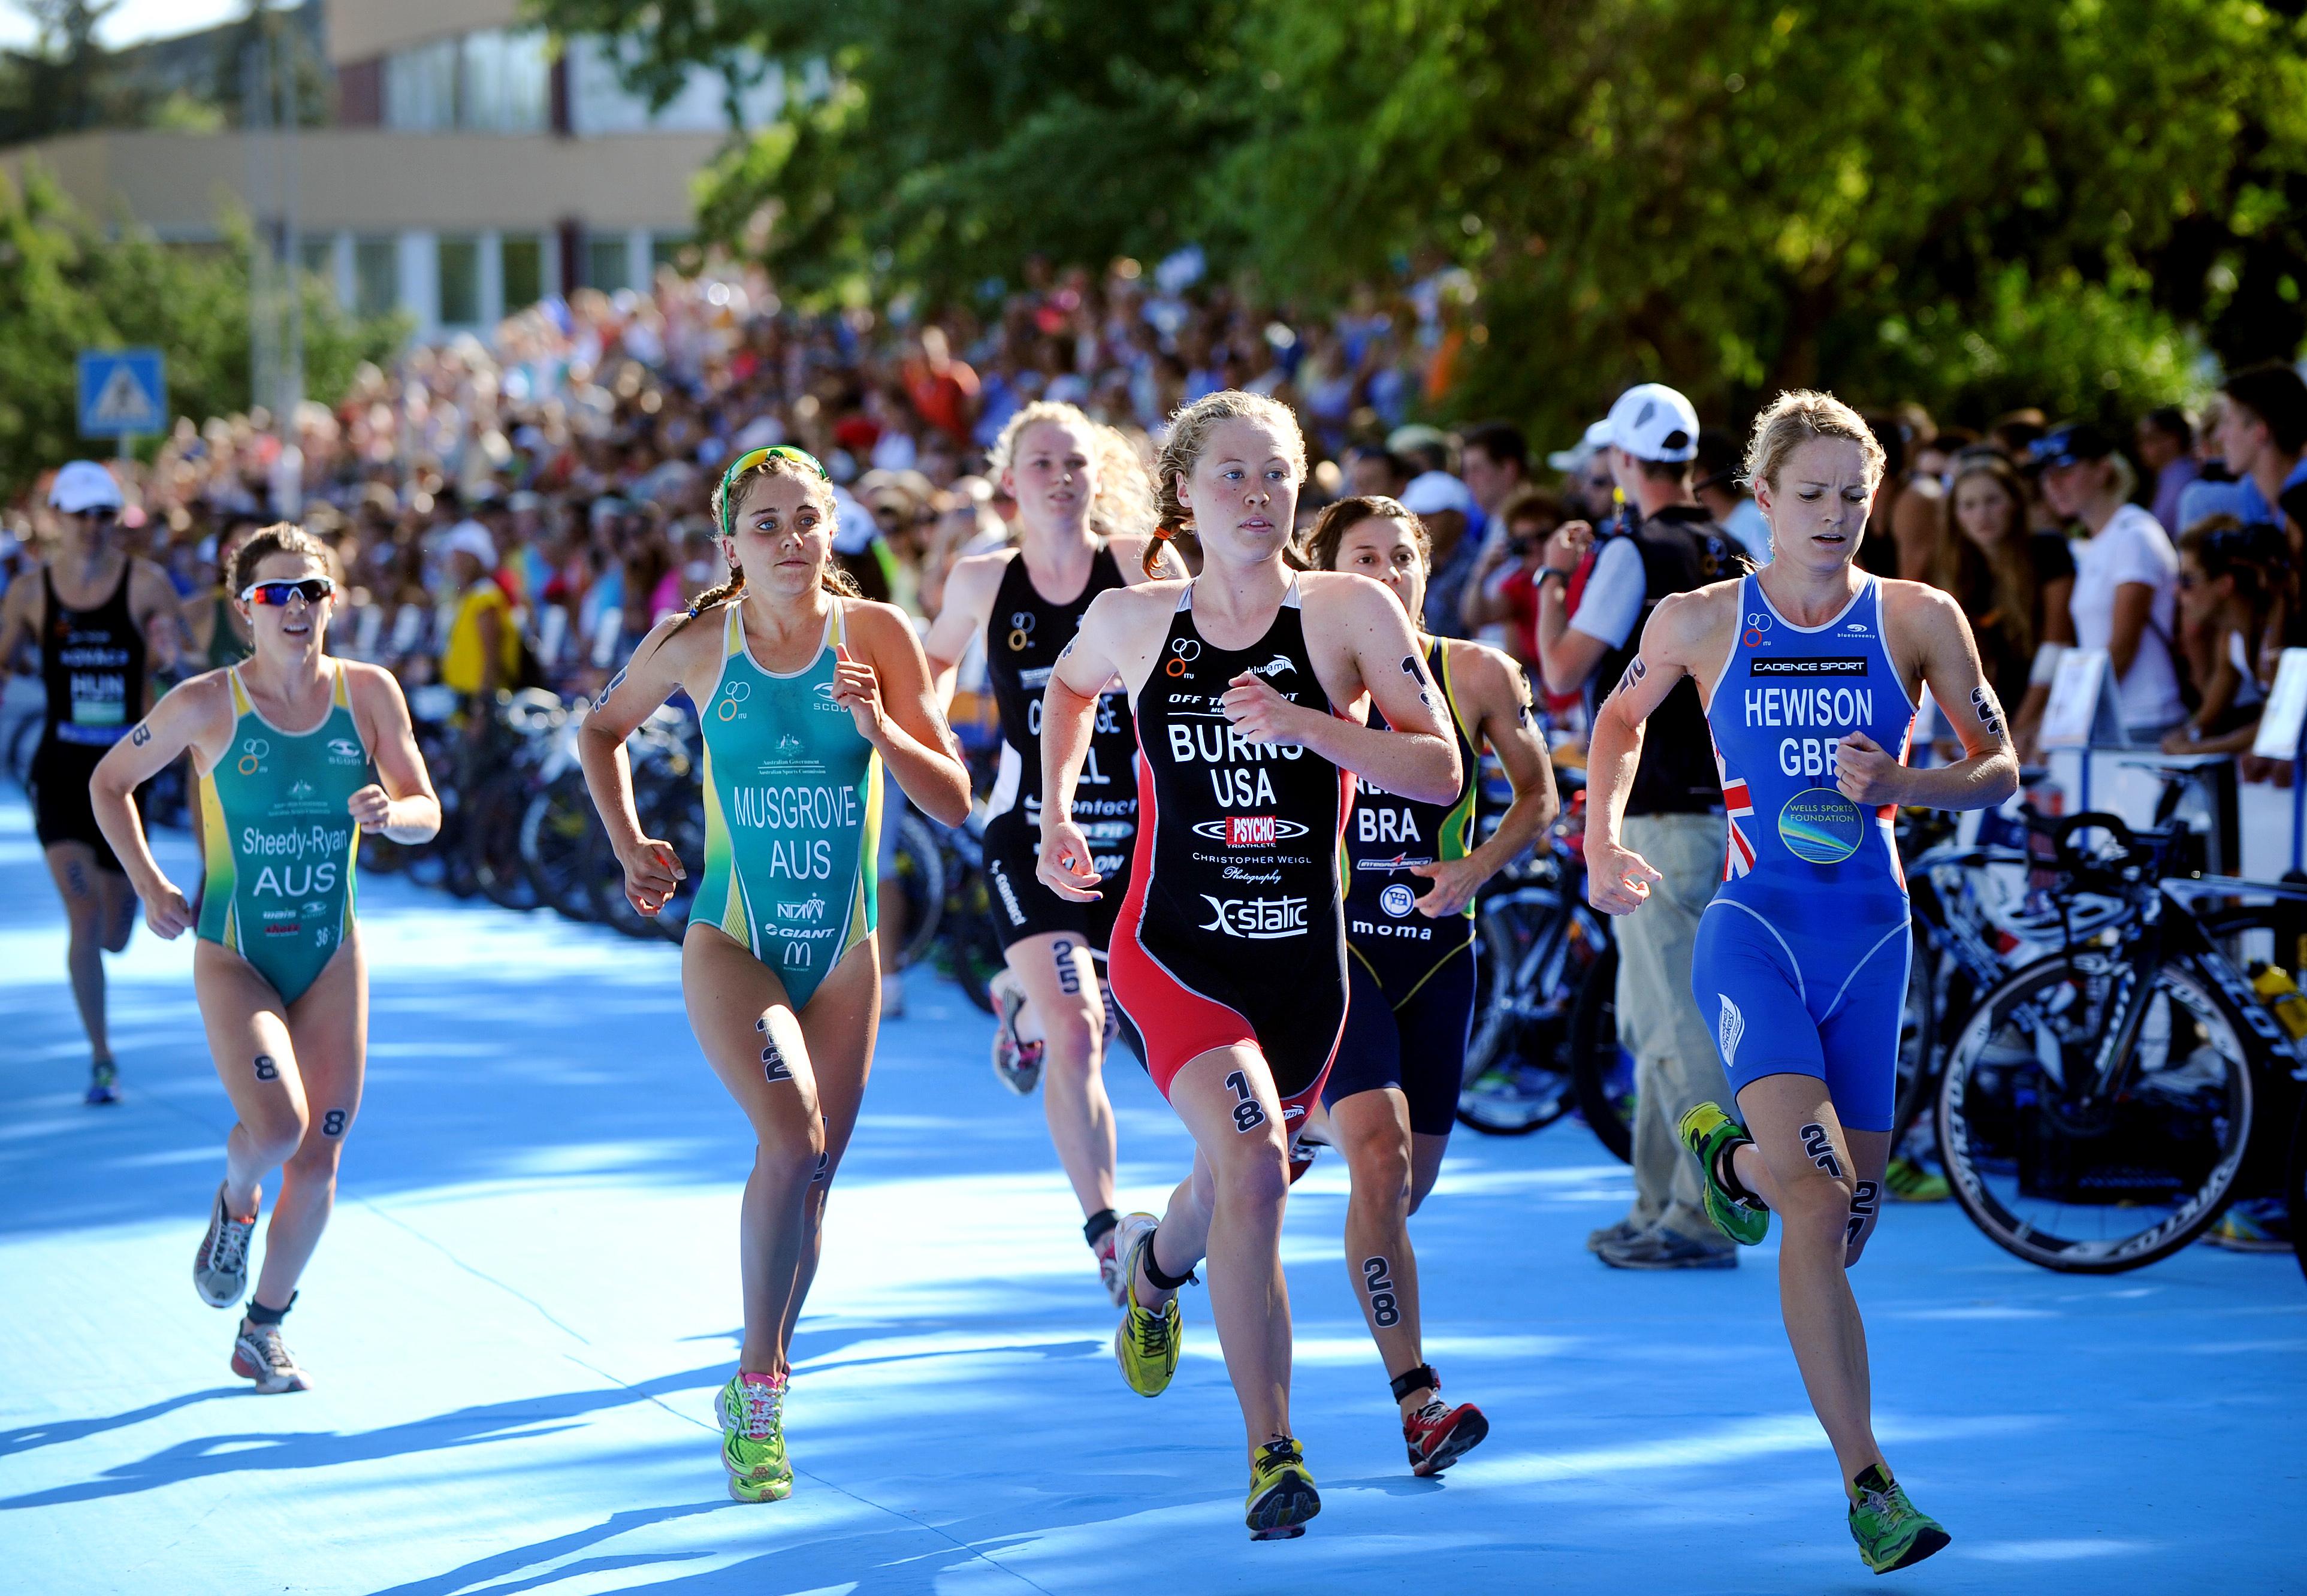 Любители vs профессионалы в триатлоне среди женщин